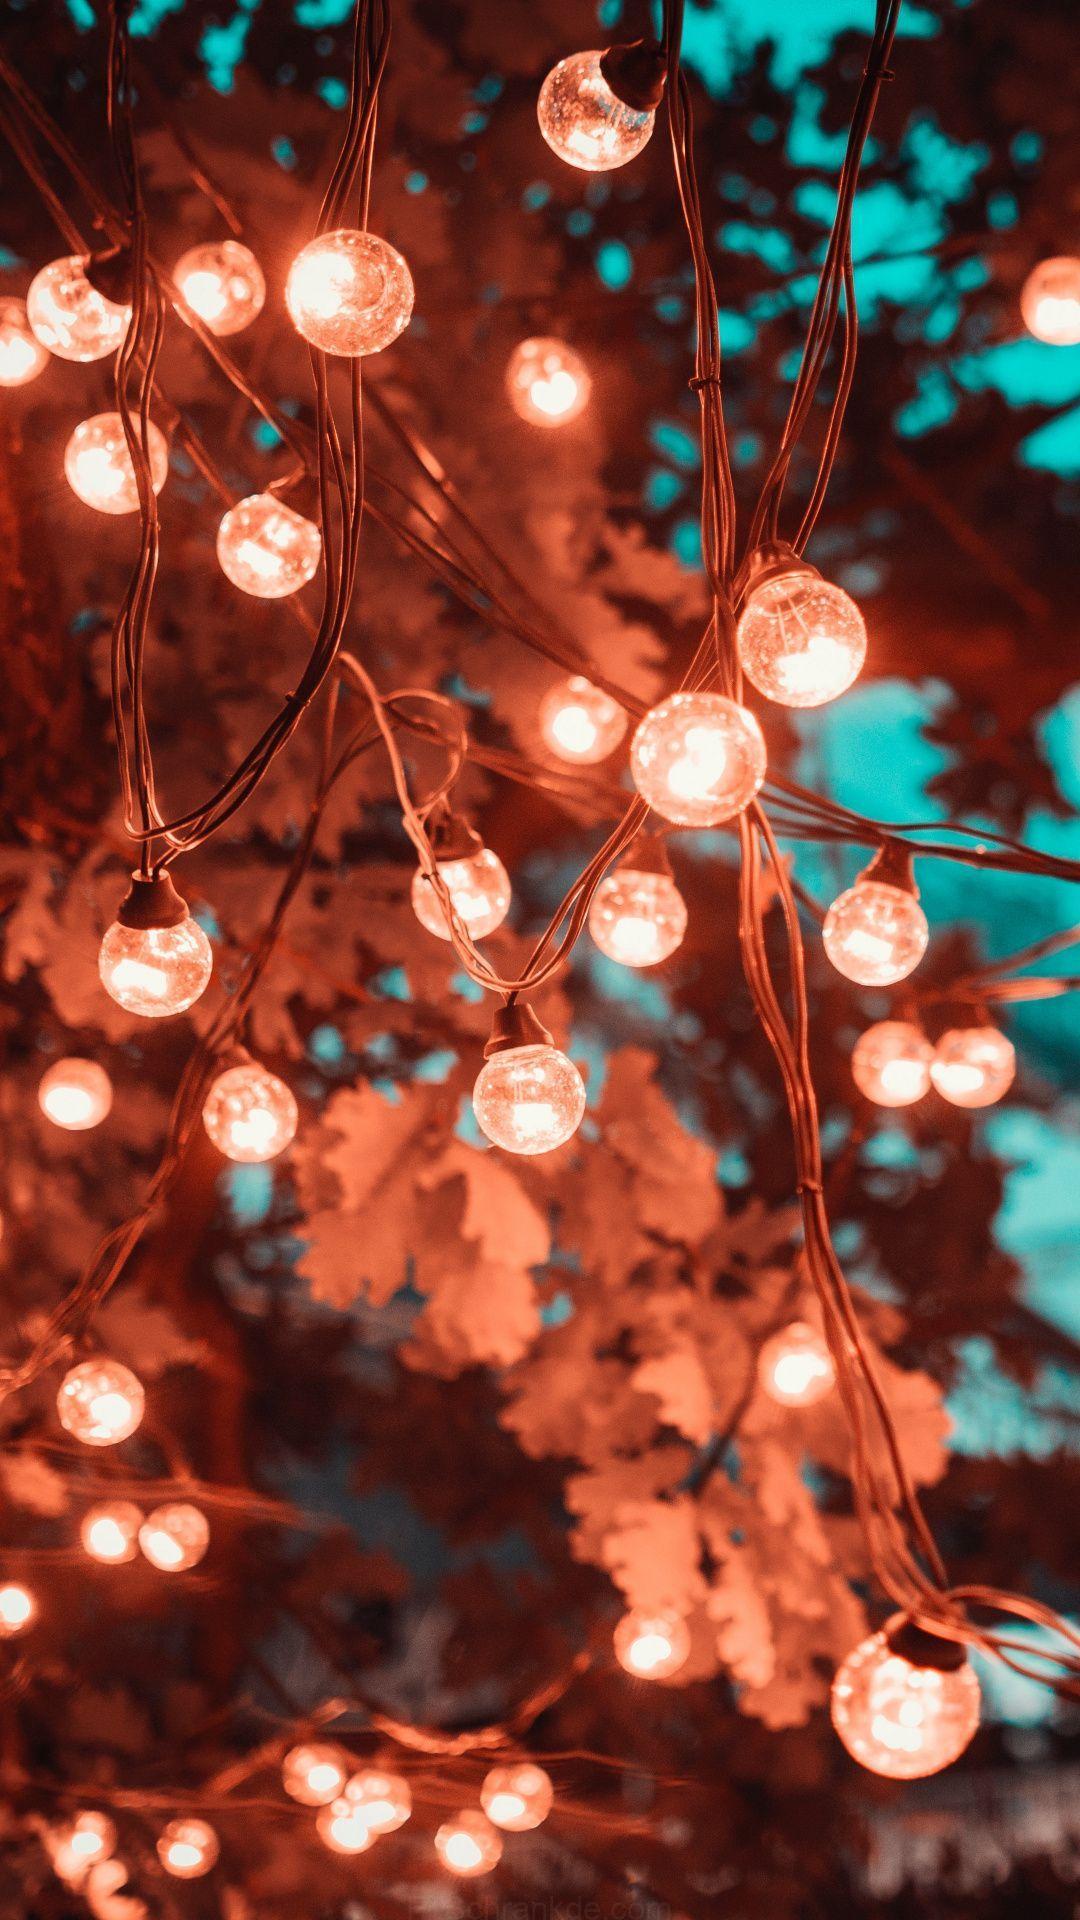 Fonds D Ecran Diode Emettant De La Lumiere De L Eclairage Les Lumieres De Noel Branche De L Fond D Ecran Telephone Fond D Ecran Colore Fond D Ecran Pastel